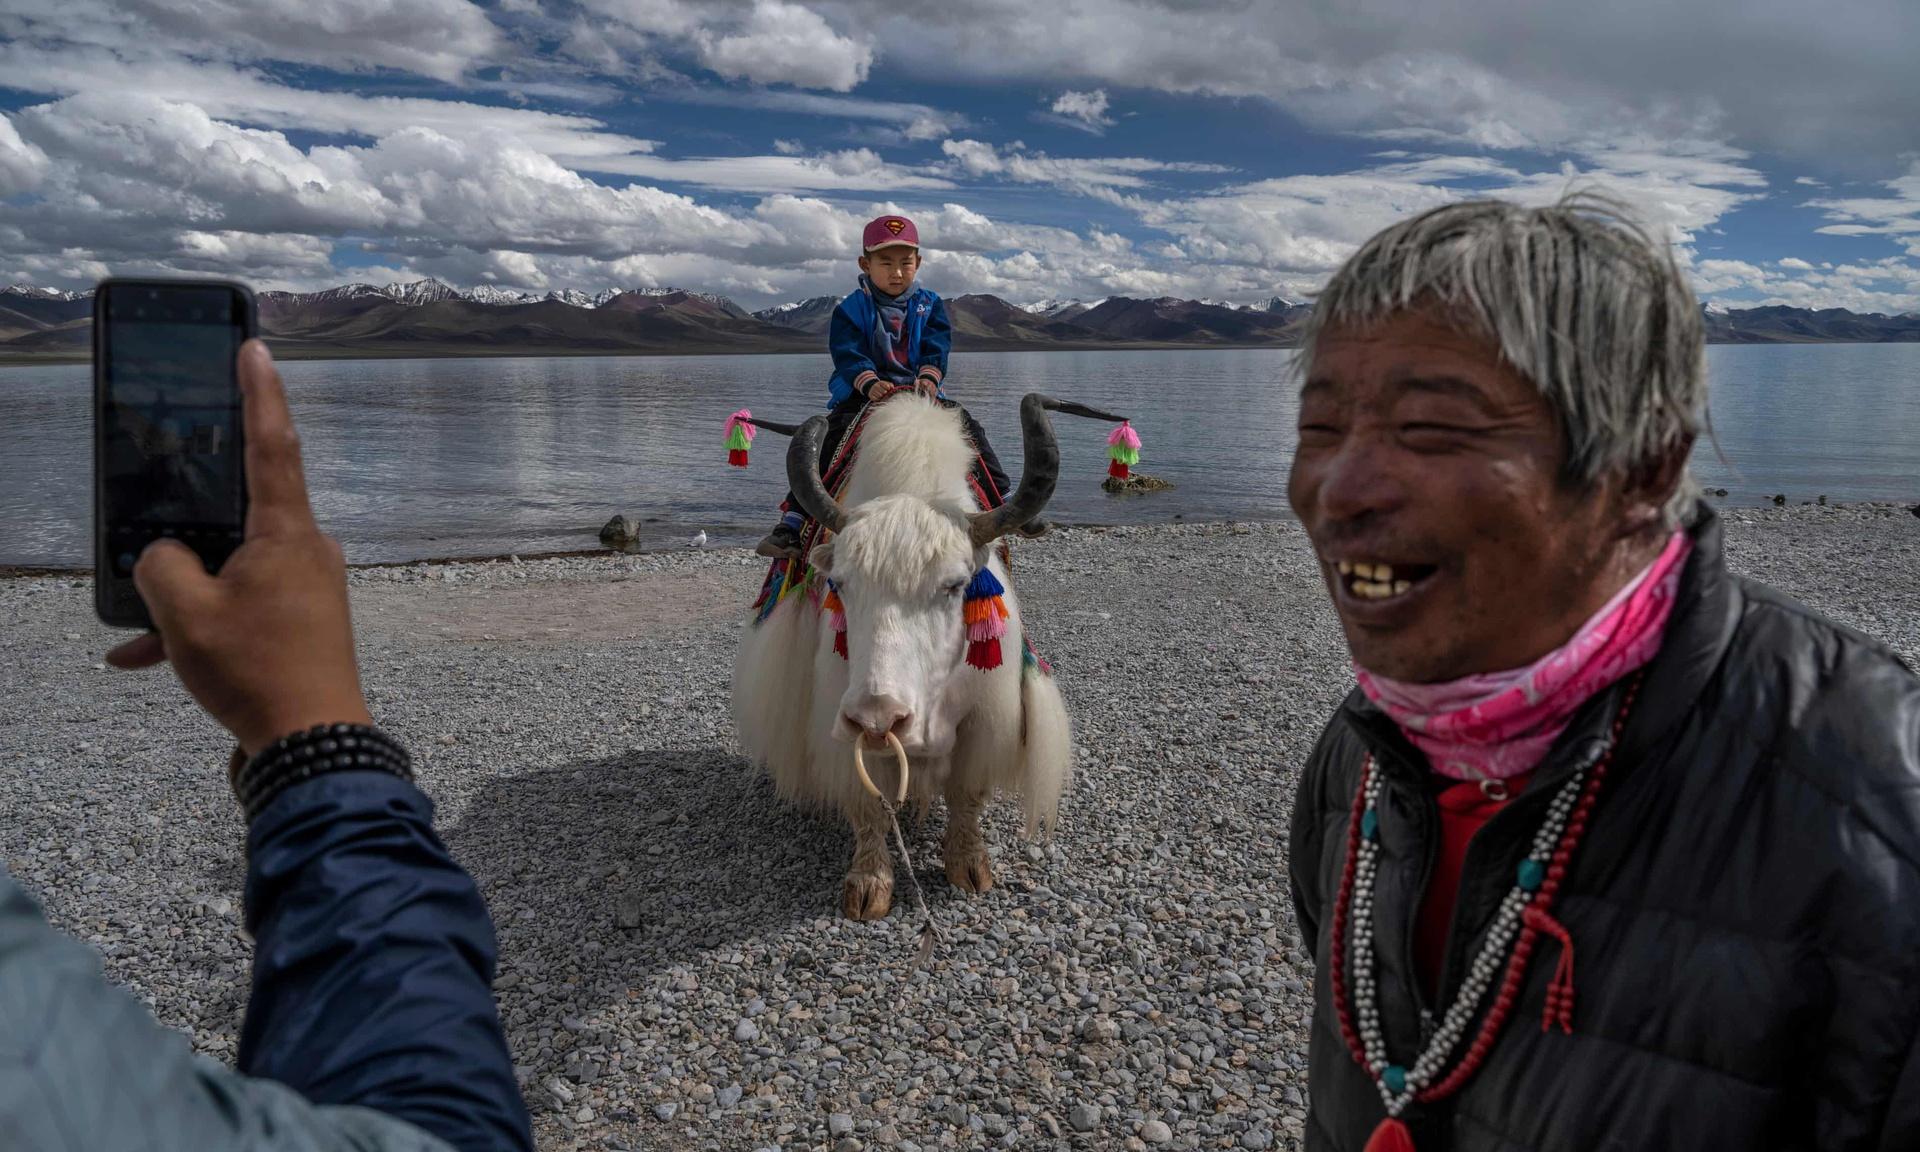 Một cậu bé được chụp ảnh khi đang cưỡi trên con yak bên bờ hồ Namtso. Cả bò yak lẫn hồ Namtso đều là biểu tượng của Tây Tạng. Con vật kia có vai trò lớn với đời sống người dân. Nó cung cấp lông, sữa, phục vụ cuộc sống của người Tây Tạng. Còn Namtso được xem là hồ nước thiêng của vùng đất này.